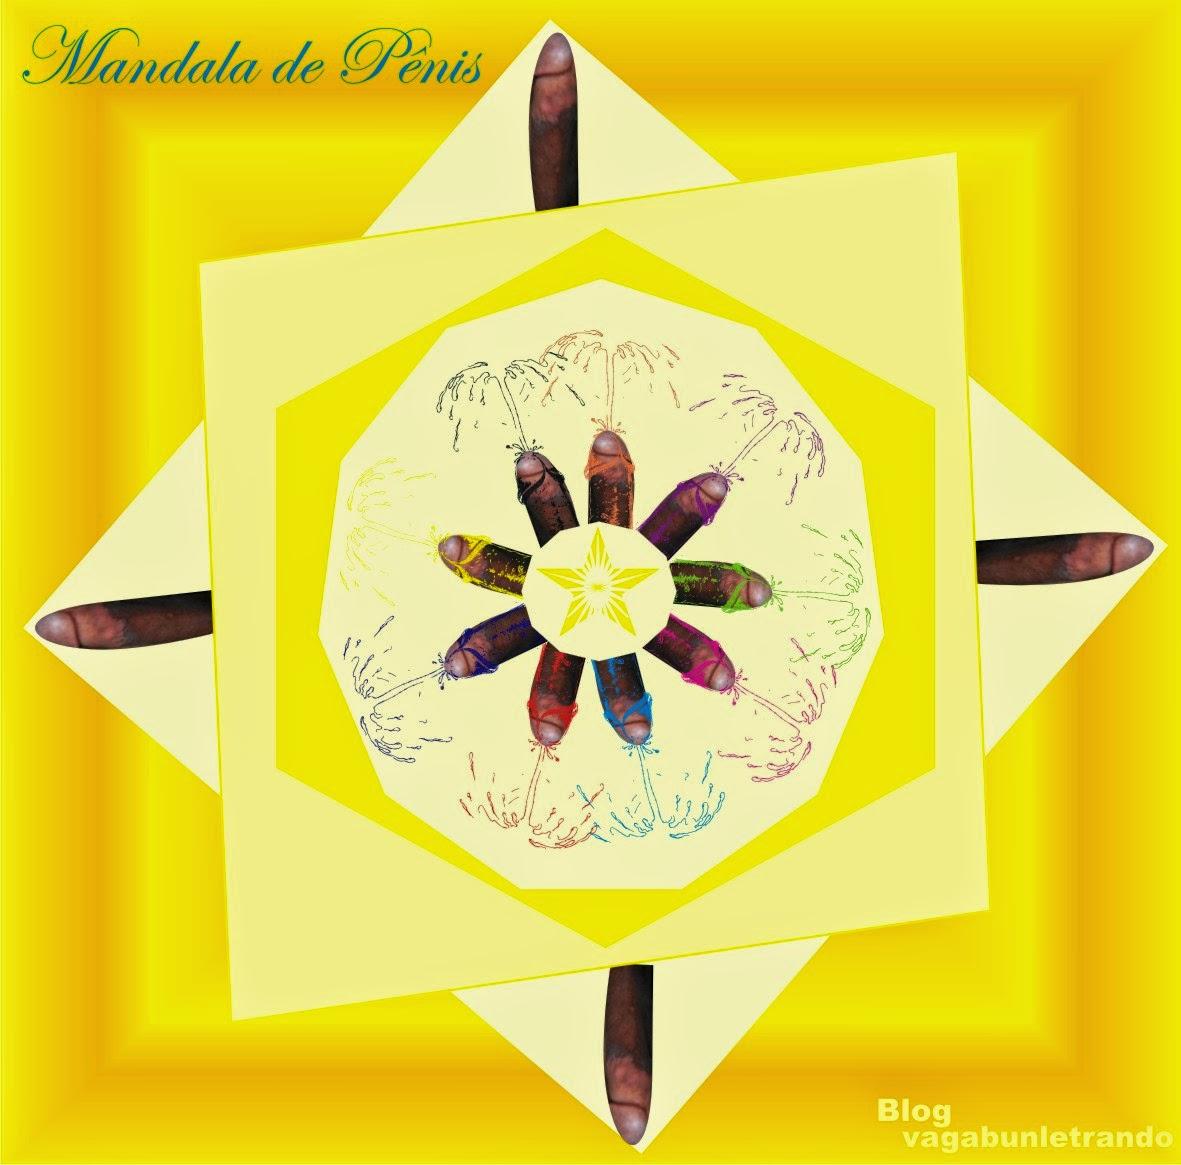 Mandala de Pênis